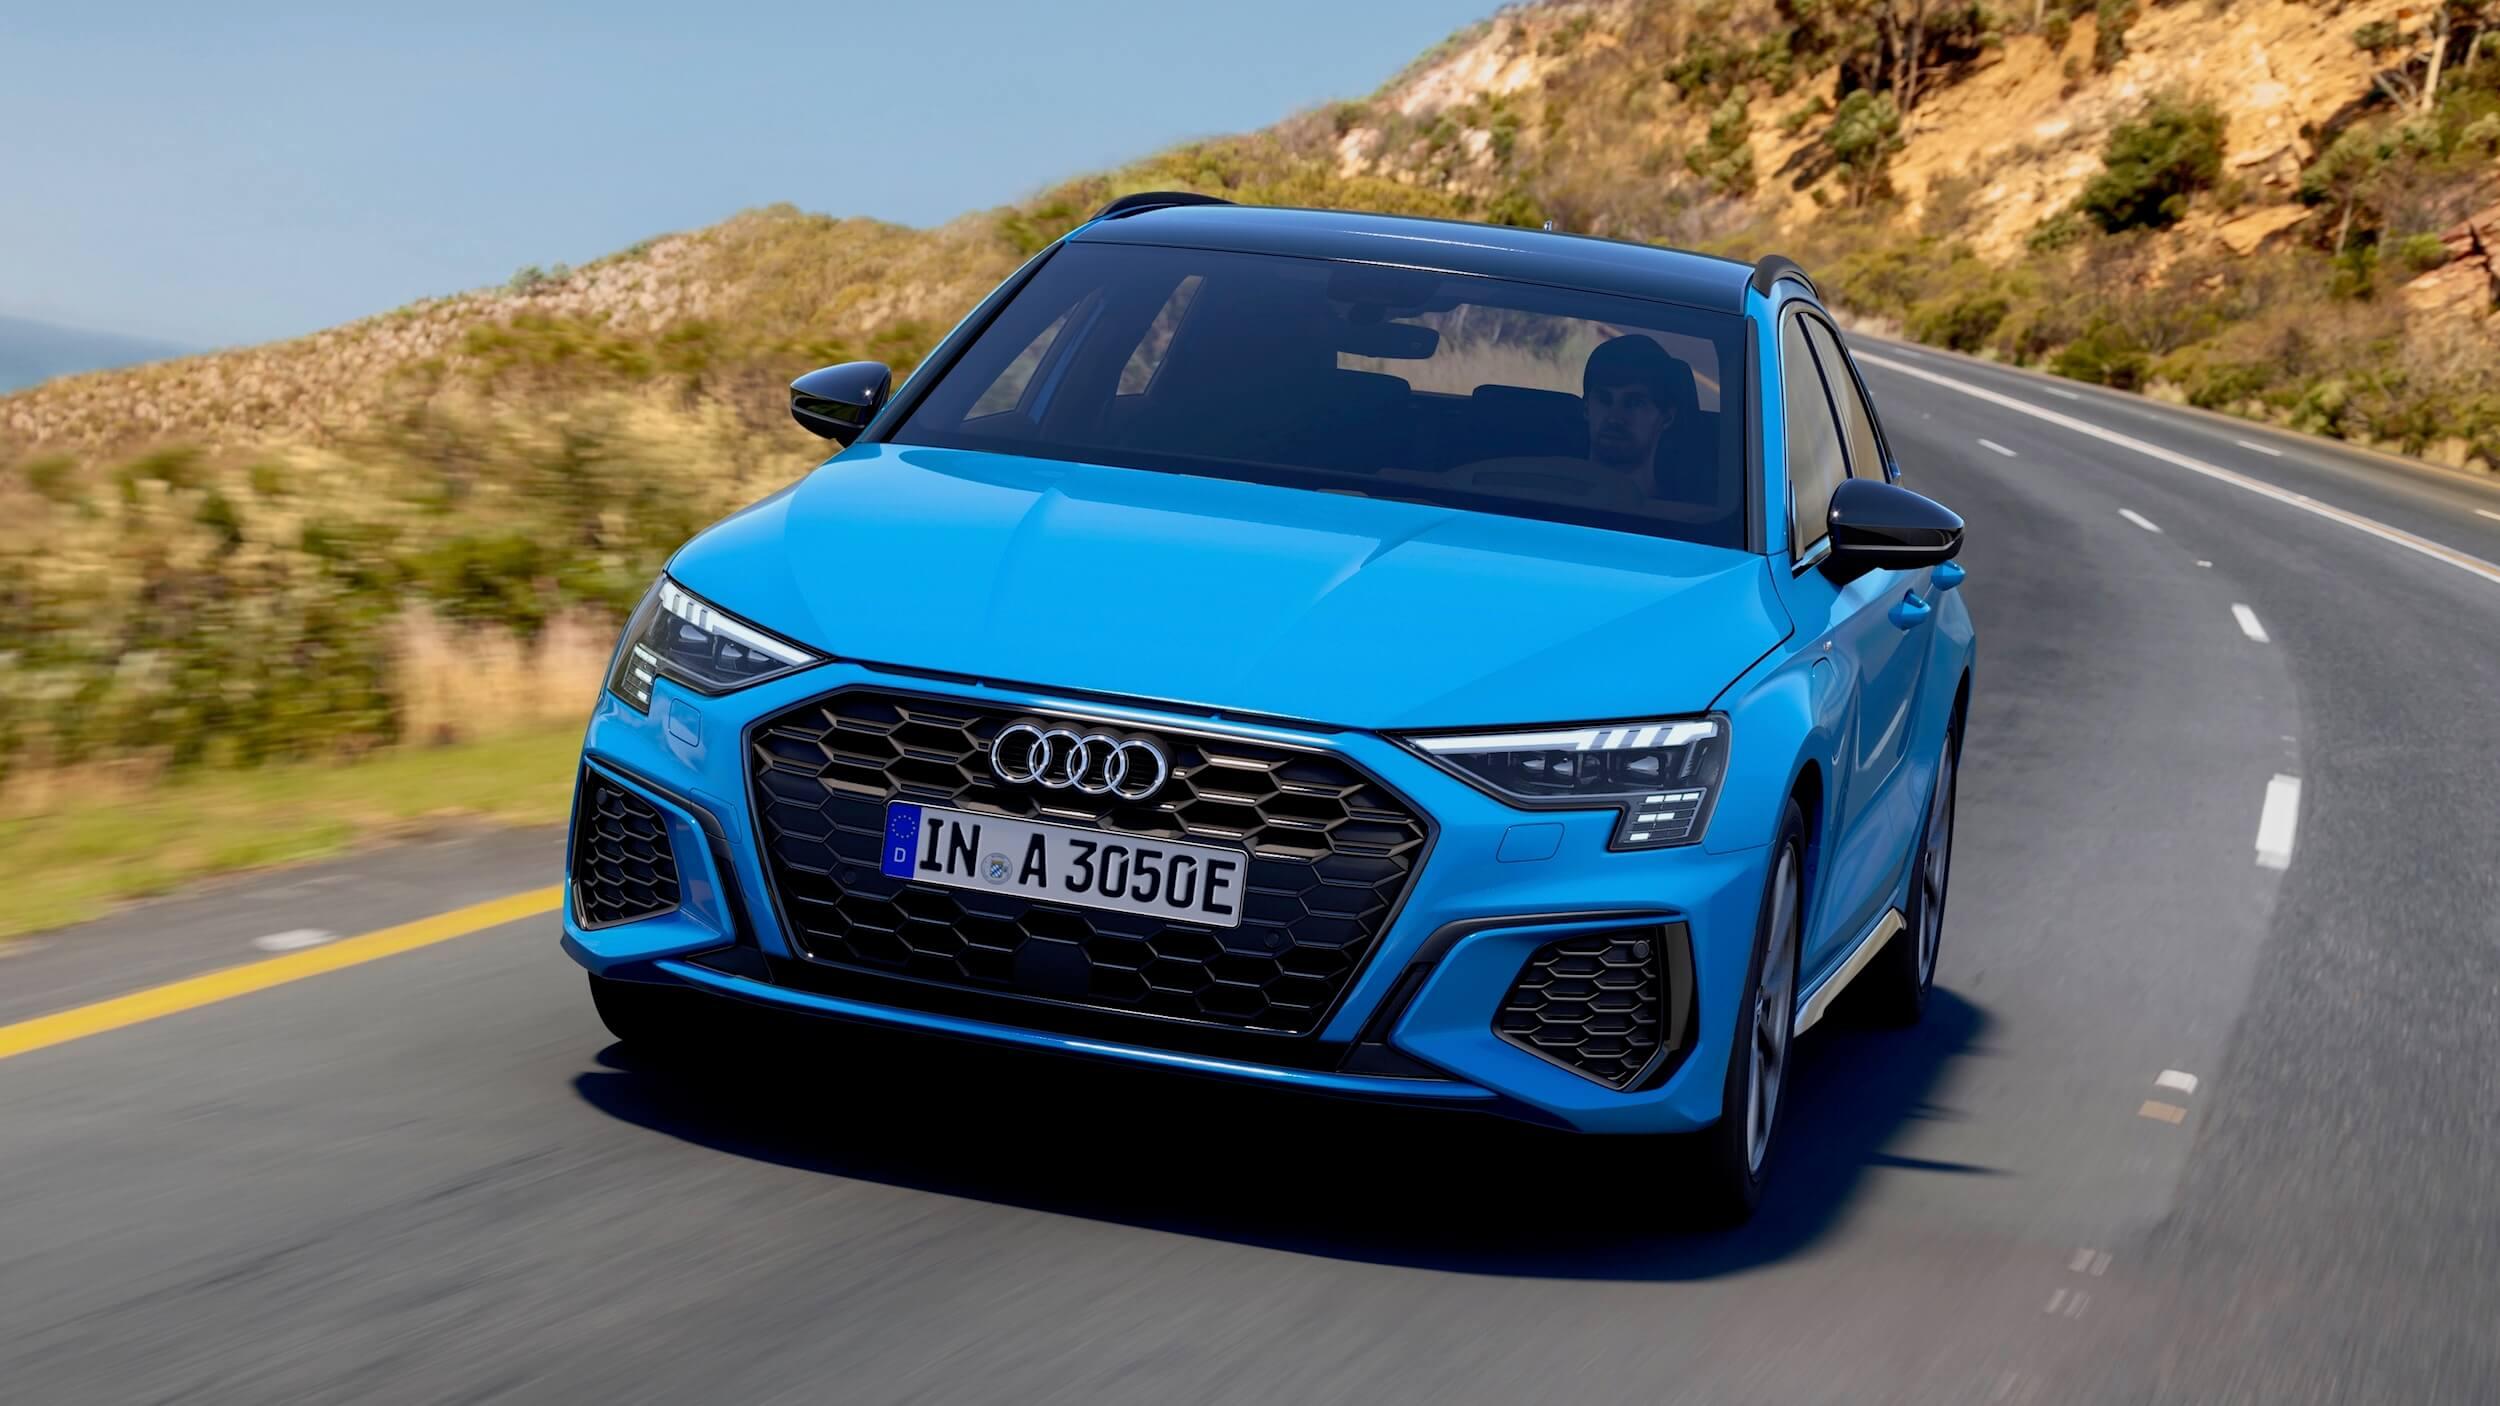 Audi A3 Sportback 40 TFSI e híbrido plug in